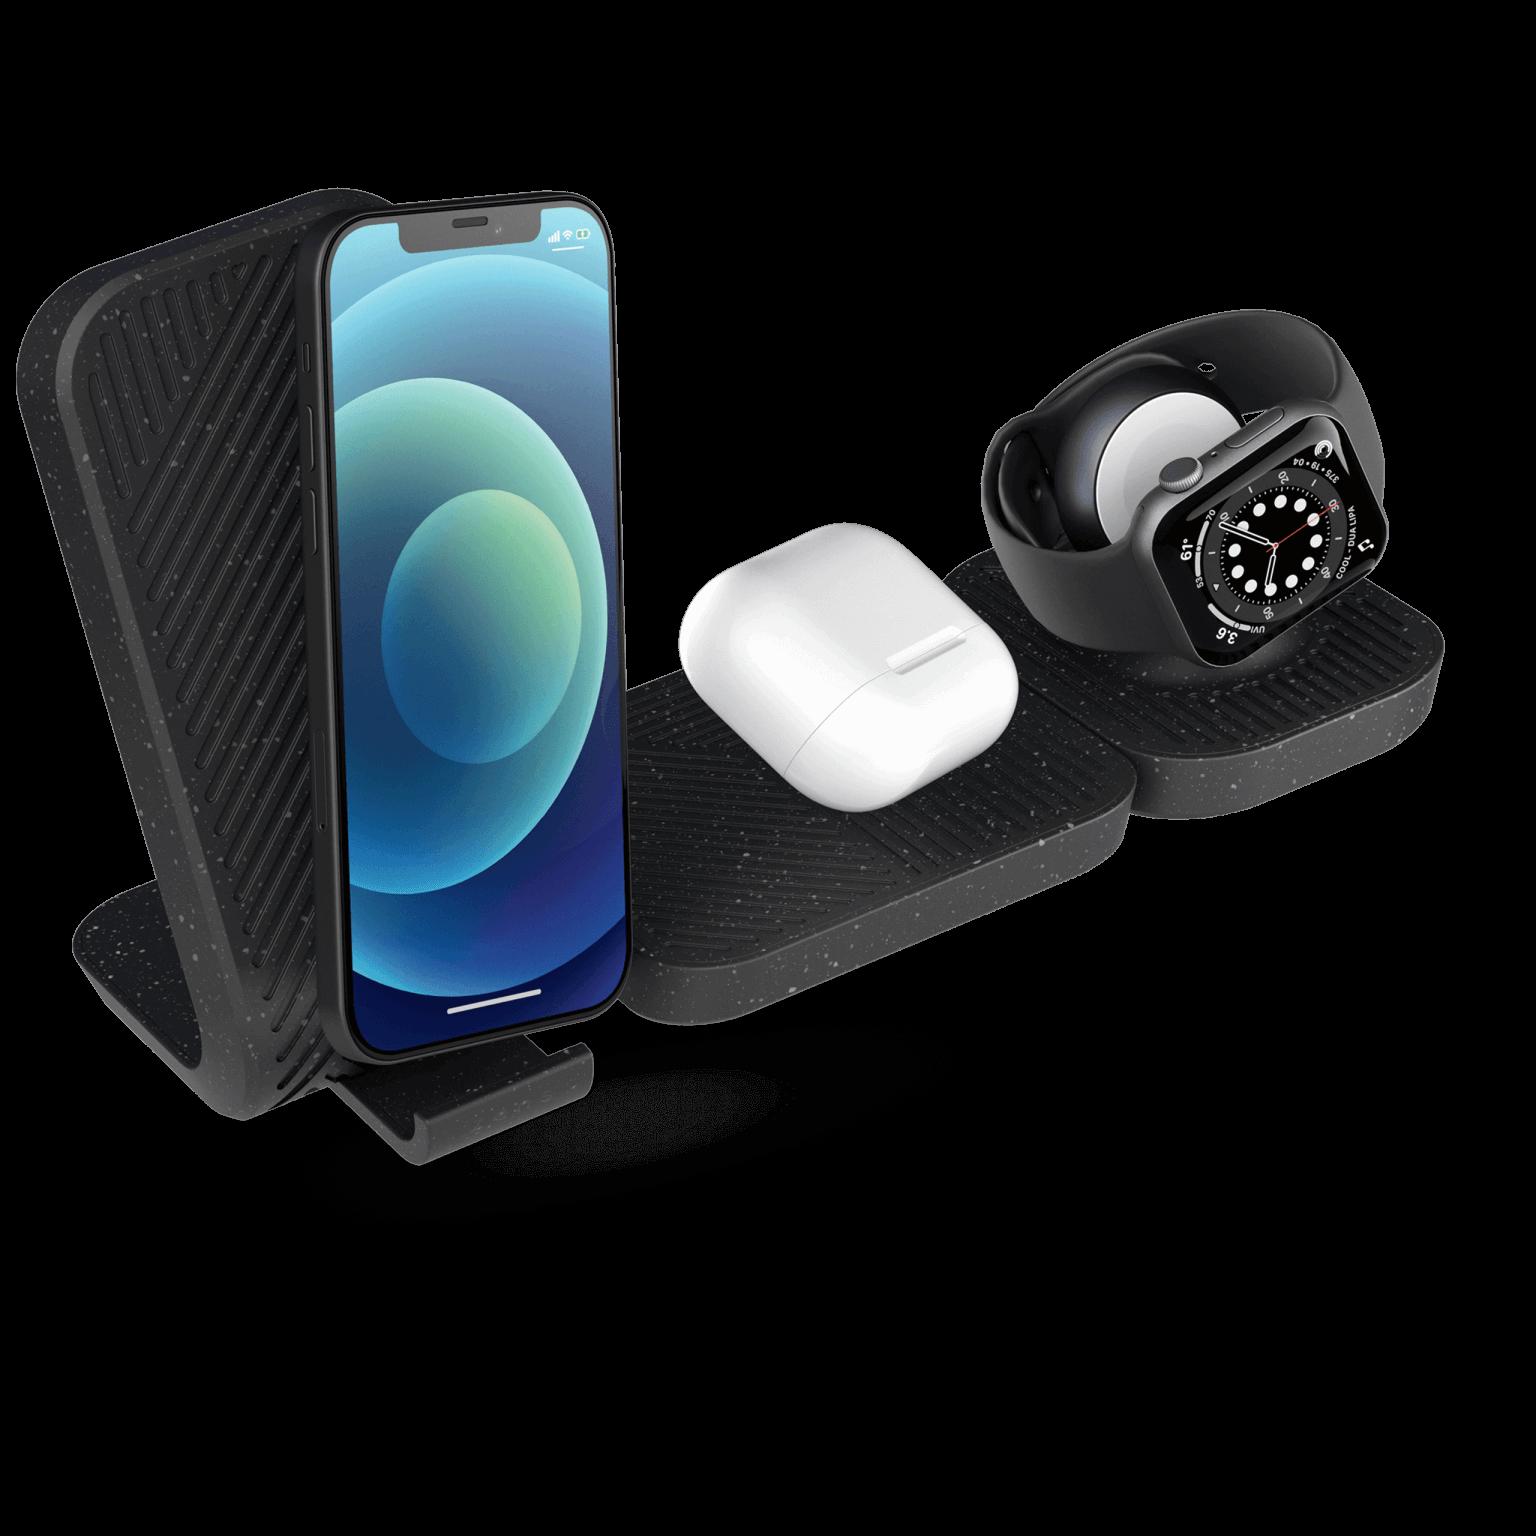 Modular draadloze oplader met iPhone 12, AirPods en Apple Watch